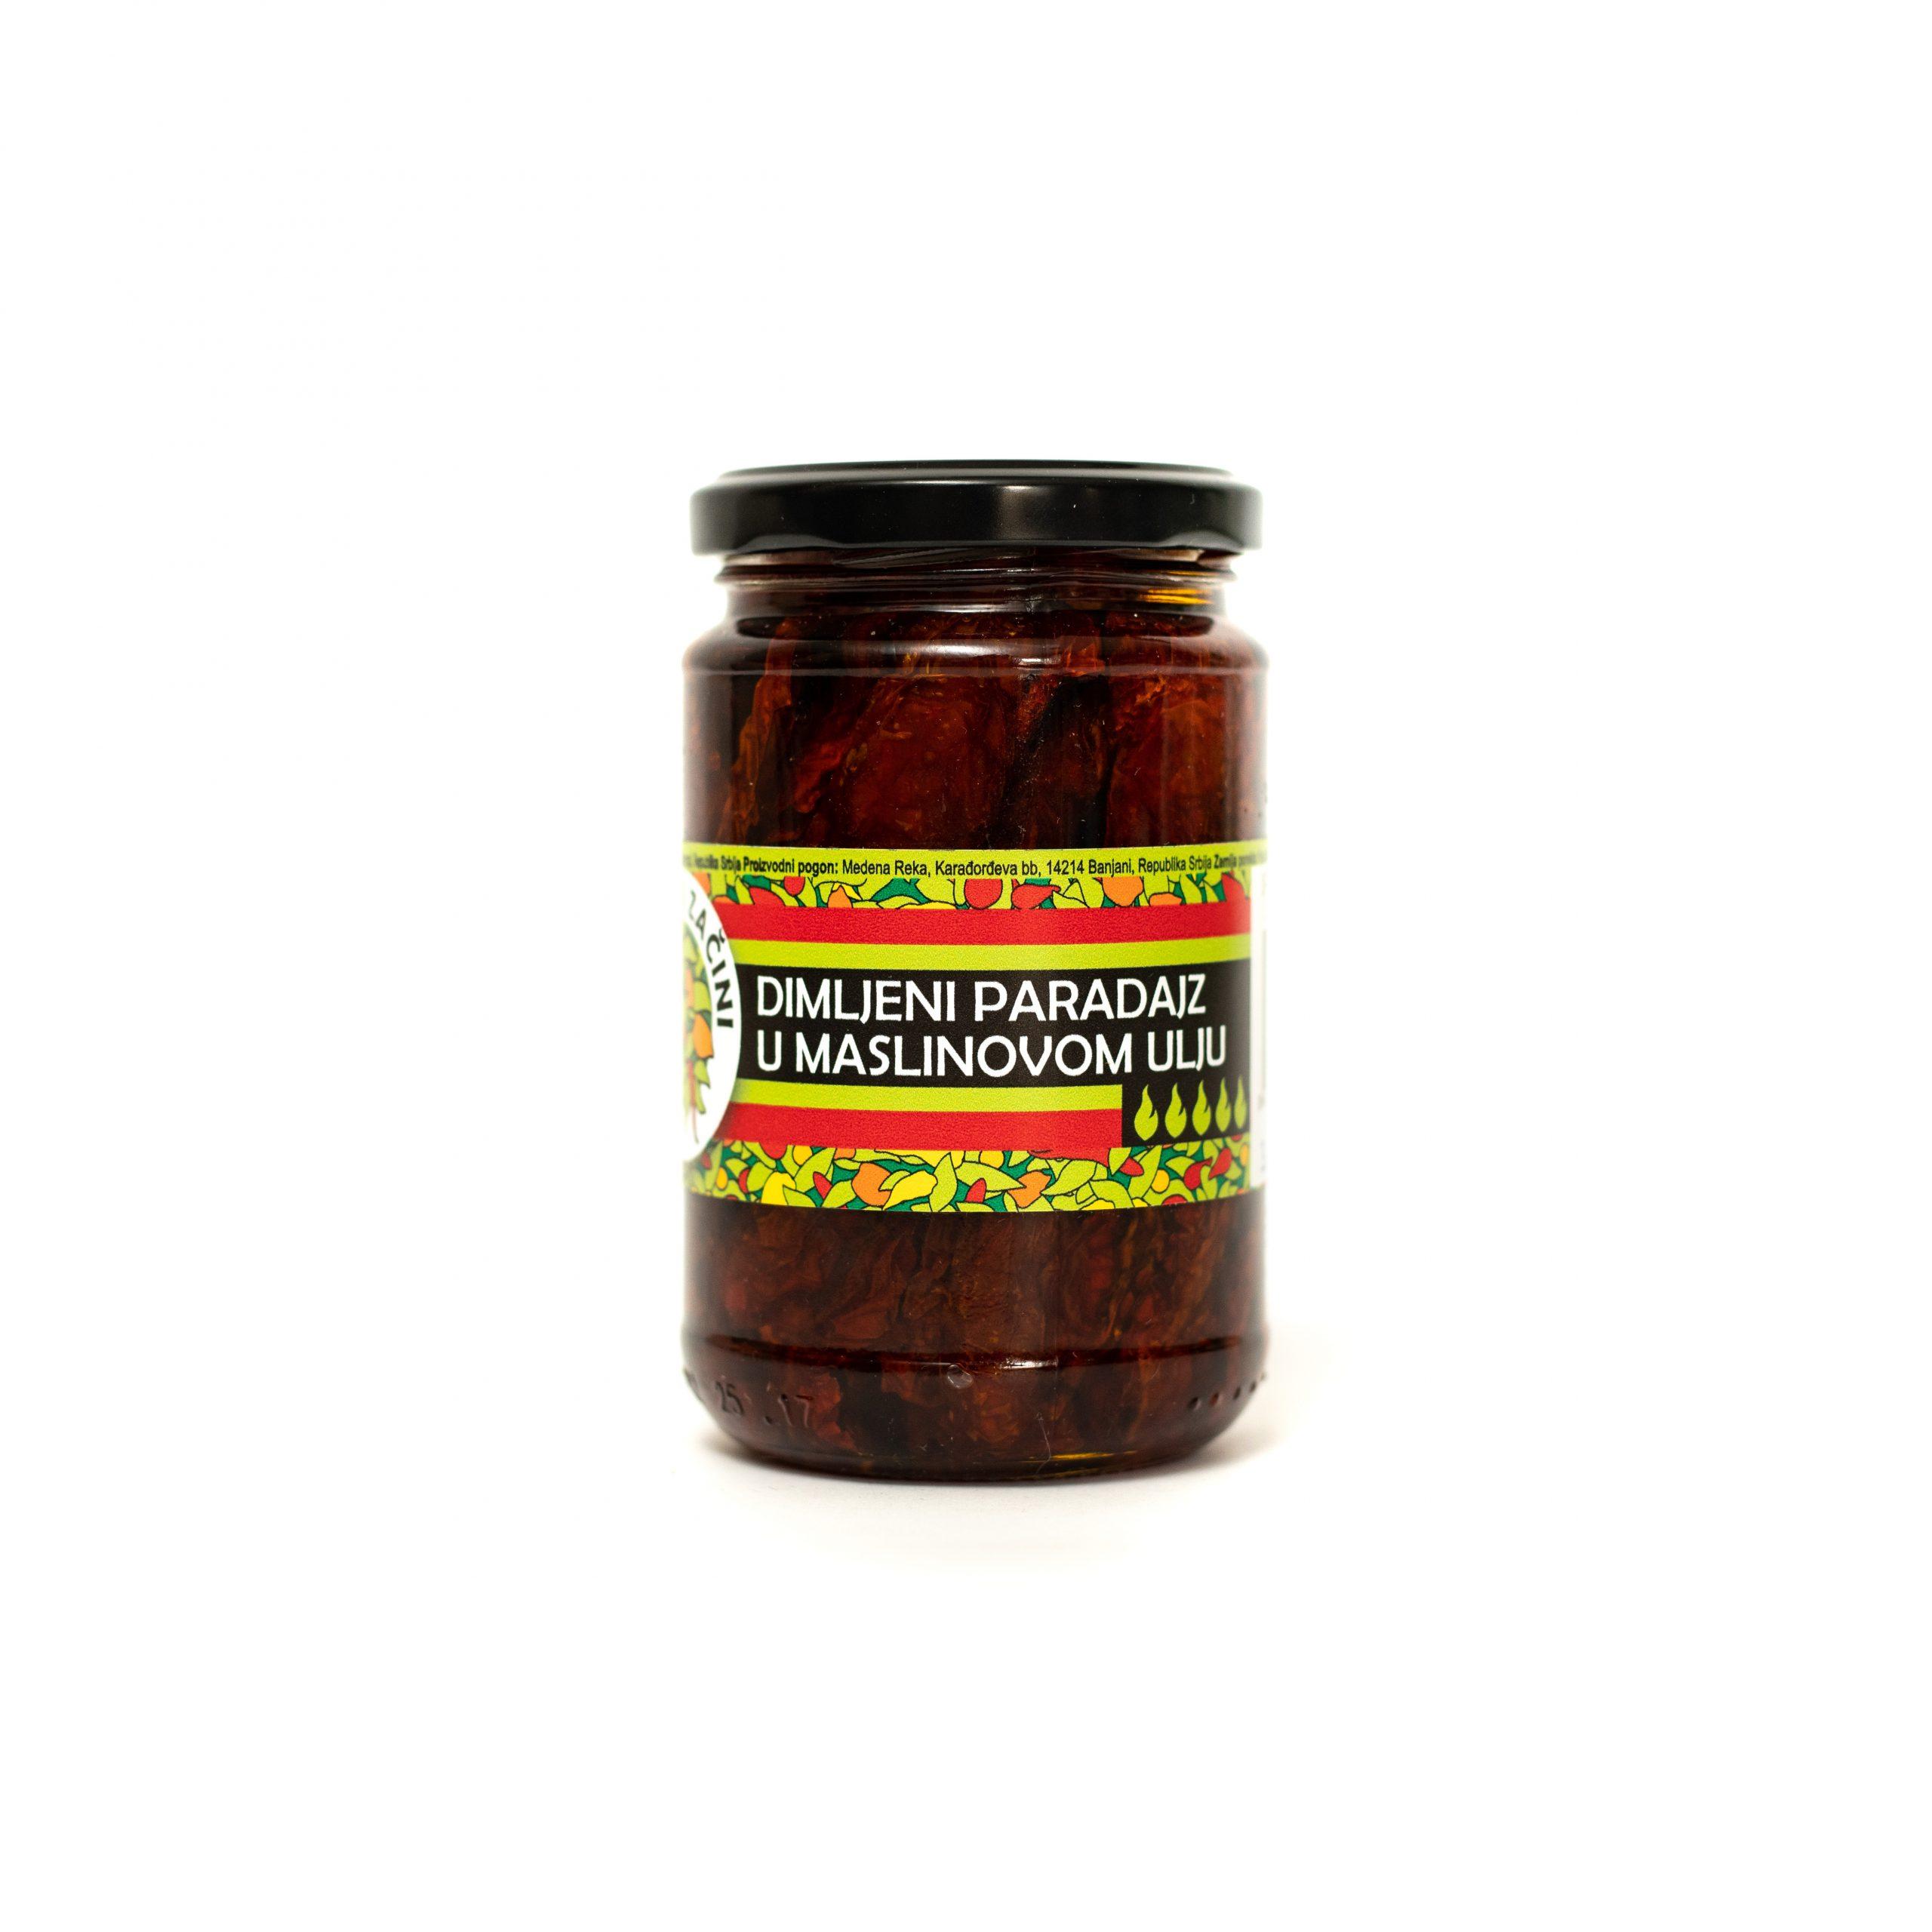 Dimljeni sušeni paradajz u maslinovom ulju 314ml